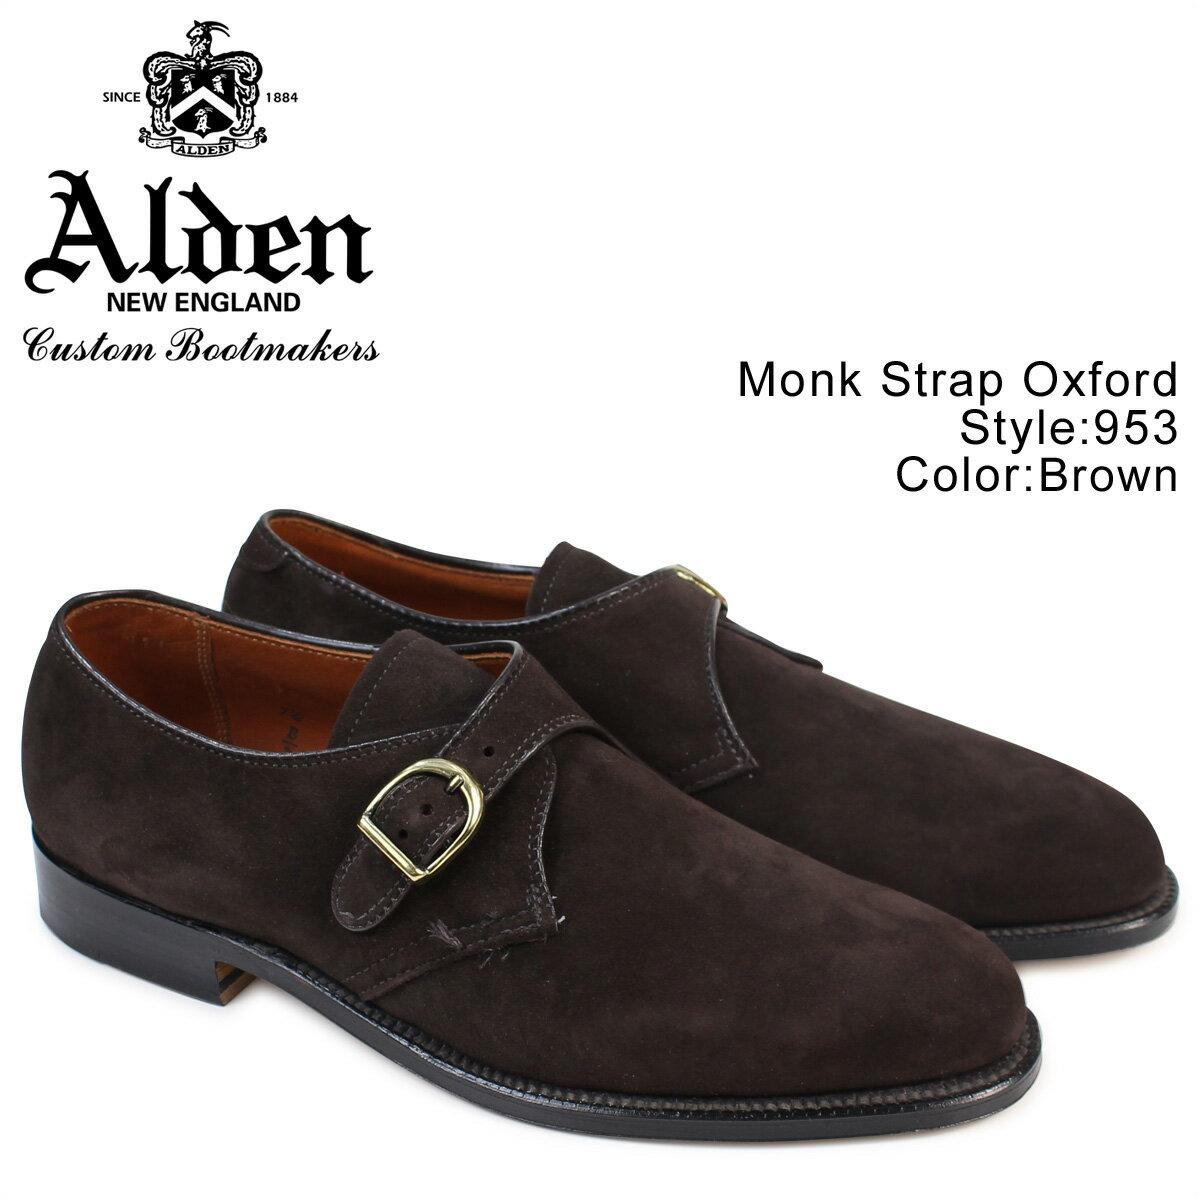 ALDEN オールデン モンクシューズ メンズ MONK STRAP OXFORD Dワイズ 953